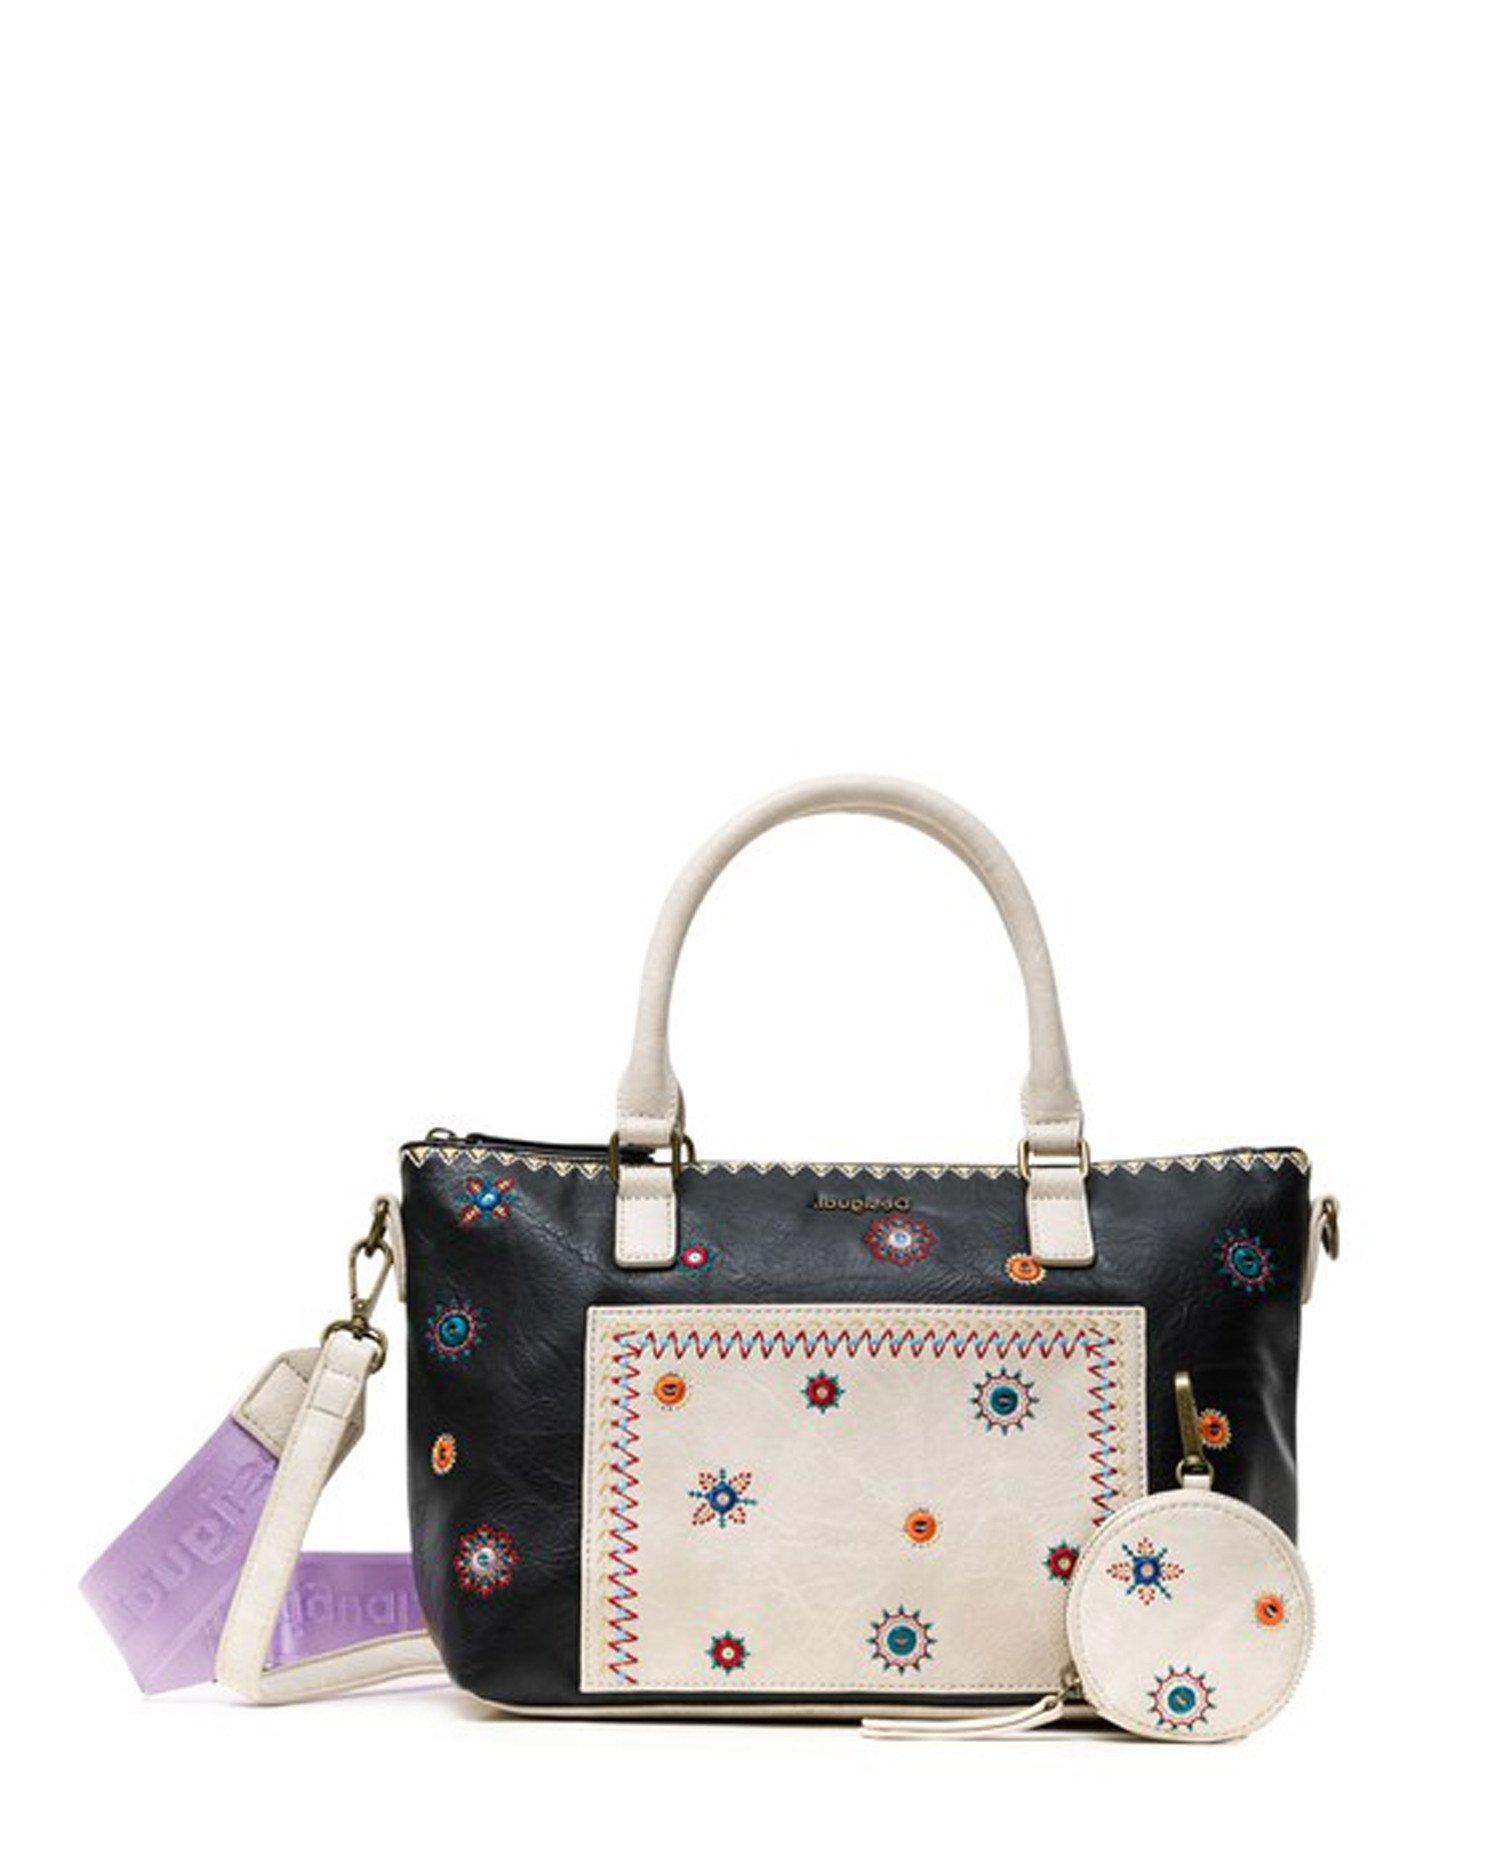 Desigual Women's Handbag Beige 240048 - beige-1 UNICA